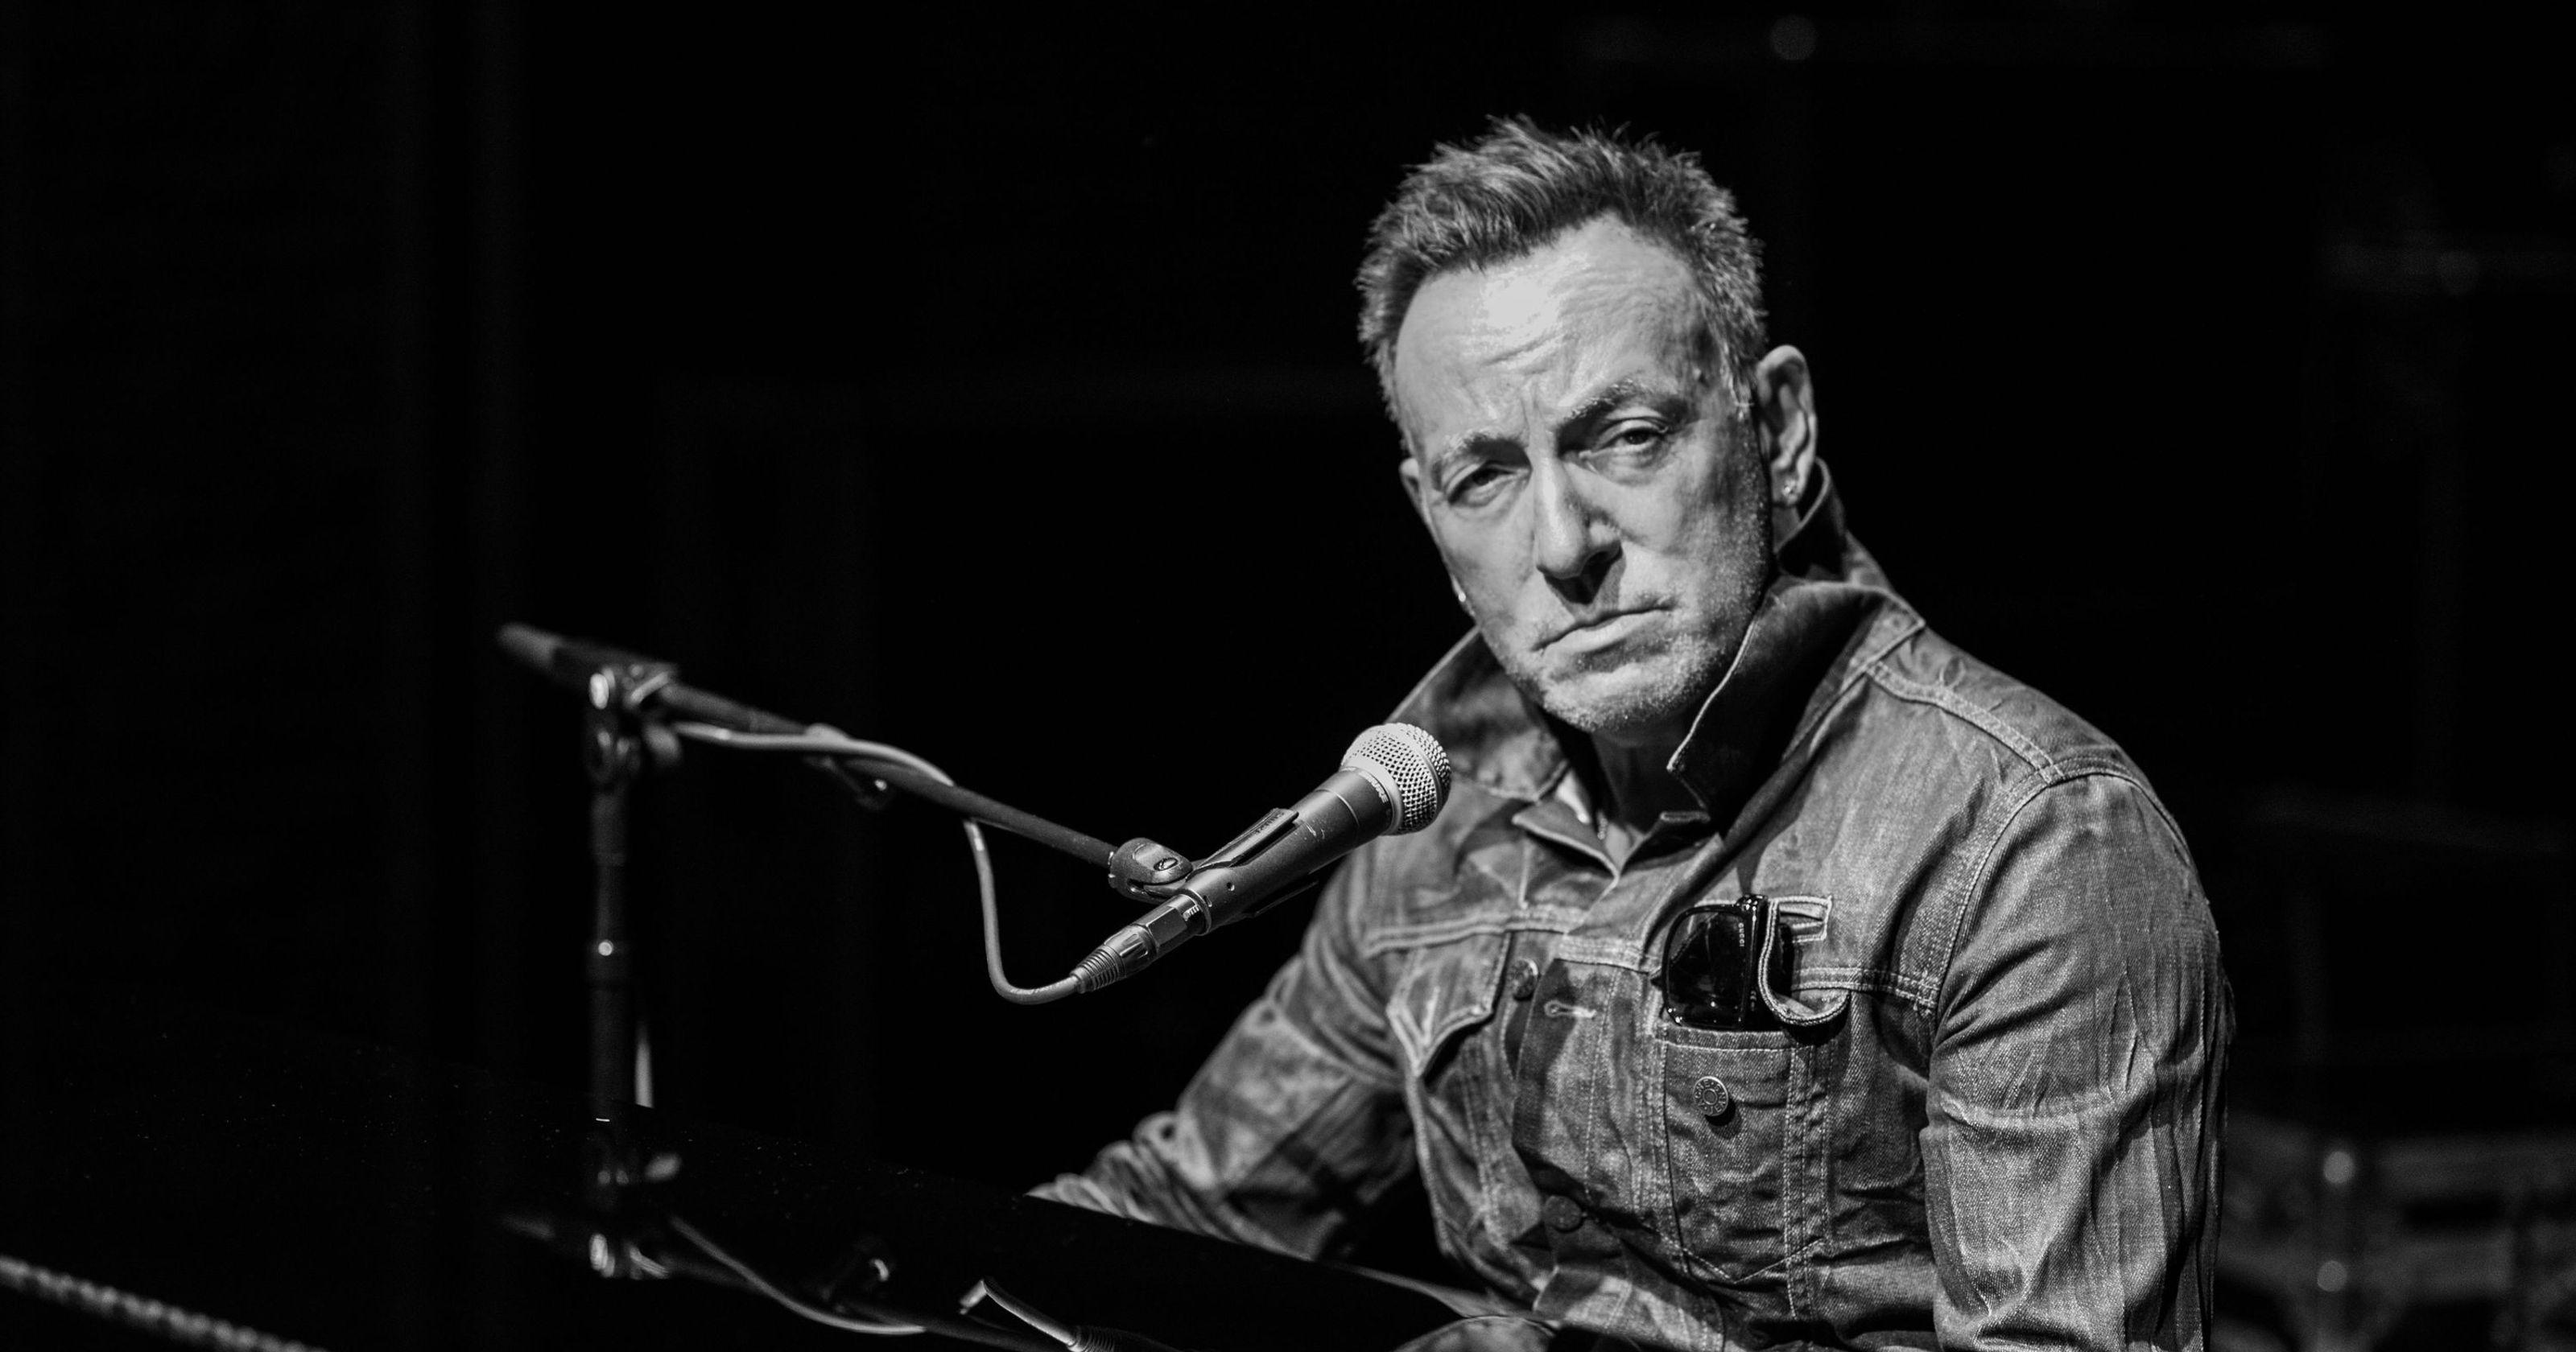 Bruce Springsteen publicó otro adelanto de su próximo disco